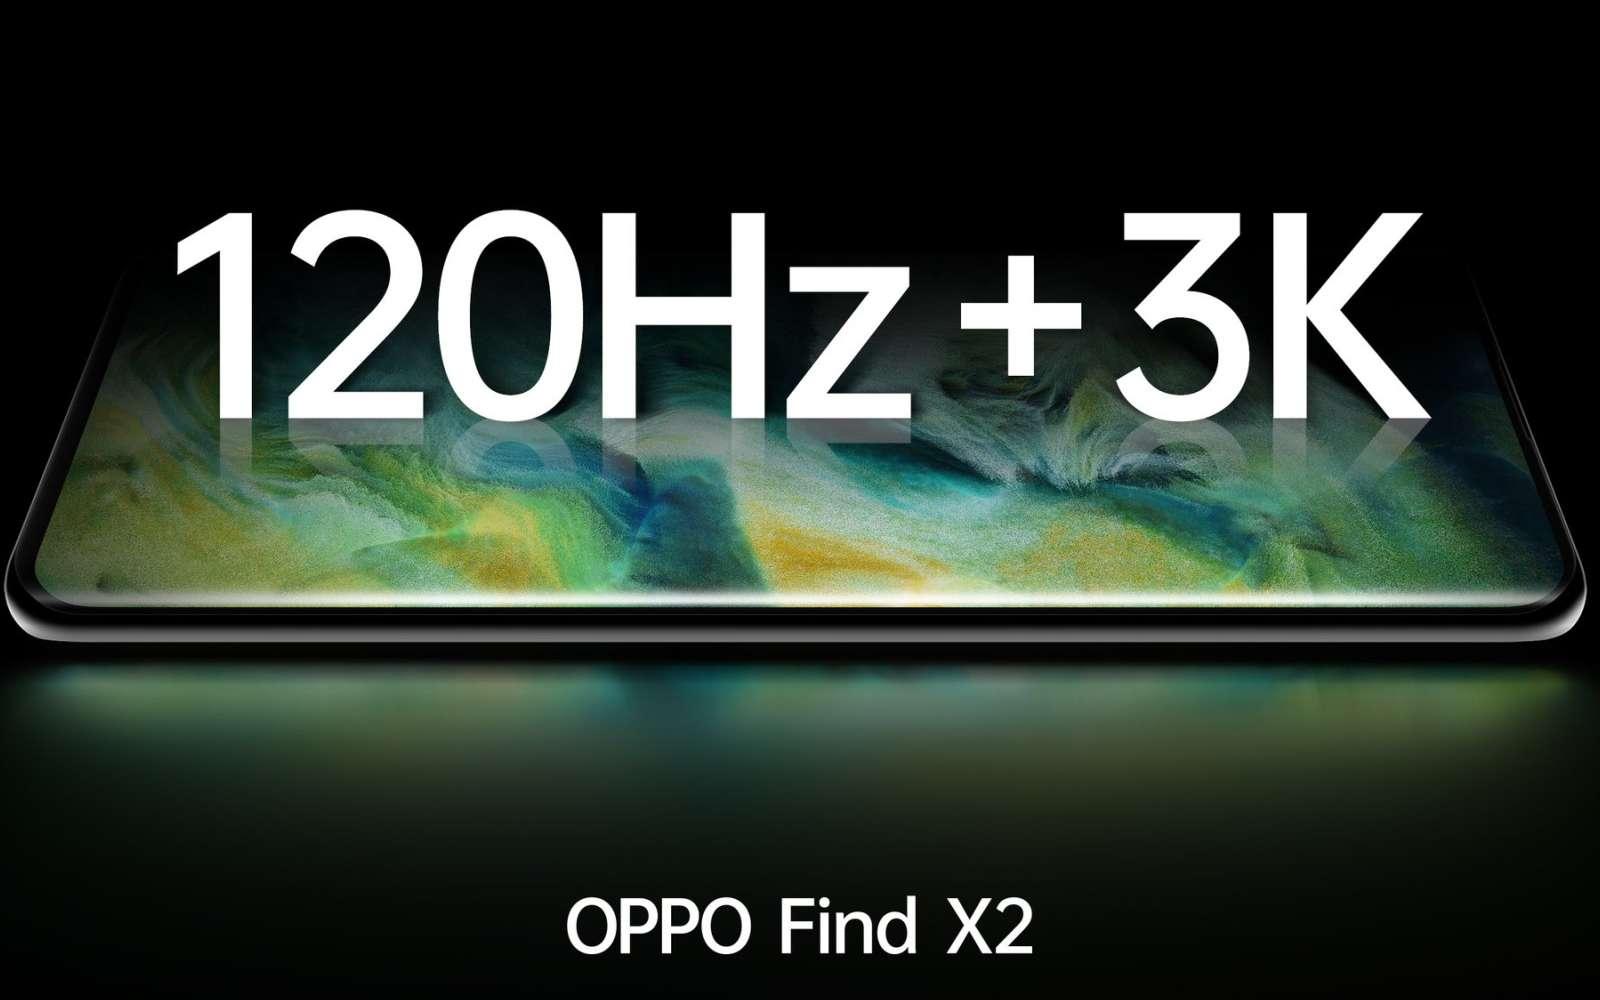 La fiche de l'Oppo Find X2 a été mis en ligne par erreur. © Oppo